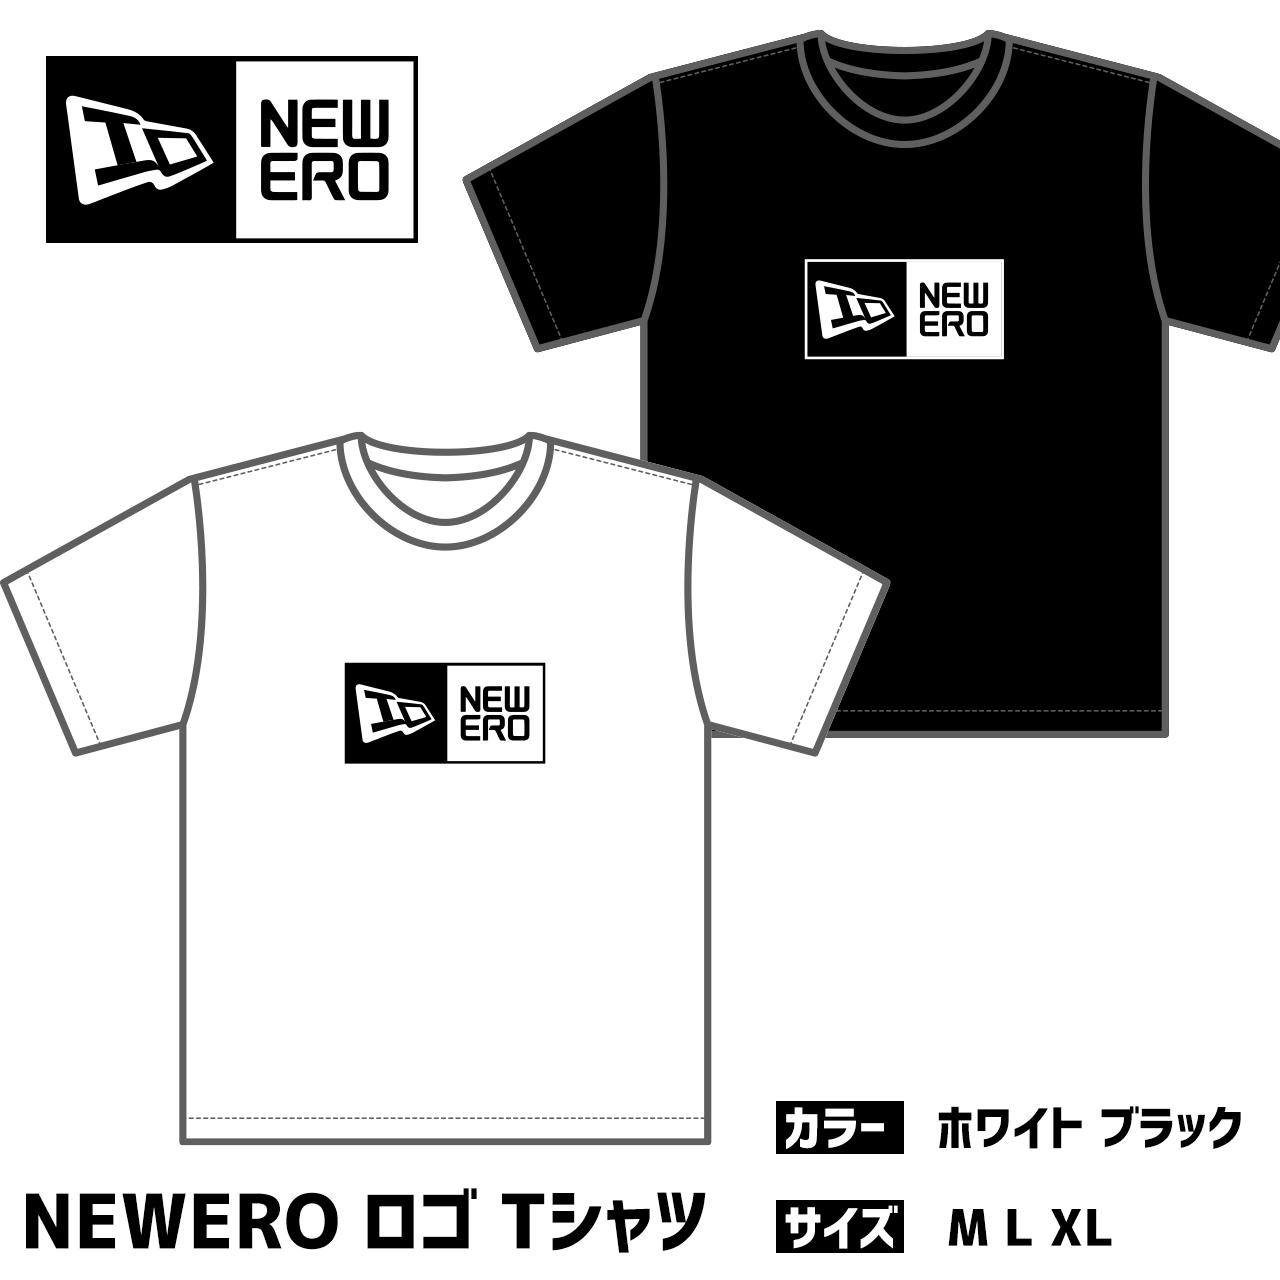 NEWERO ロゴ Tシャツ ホワイト / ブラック【ご注文より2週間前後でお届け】